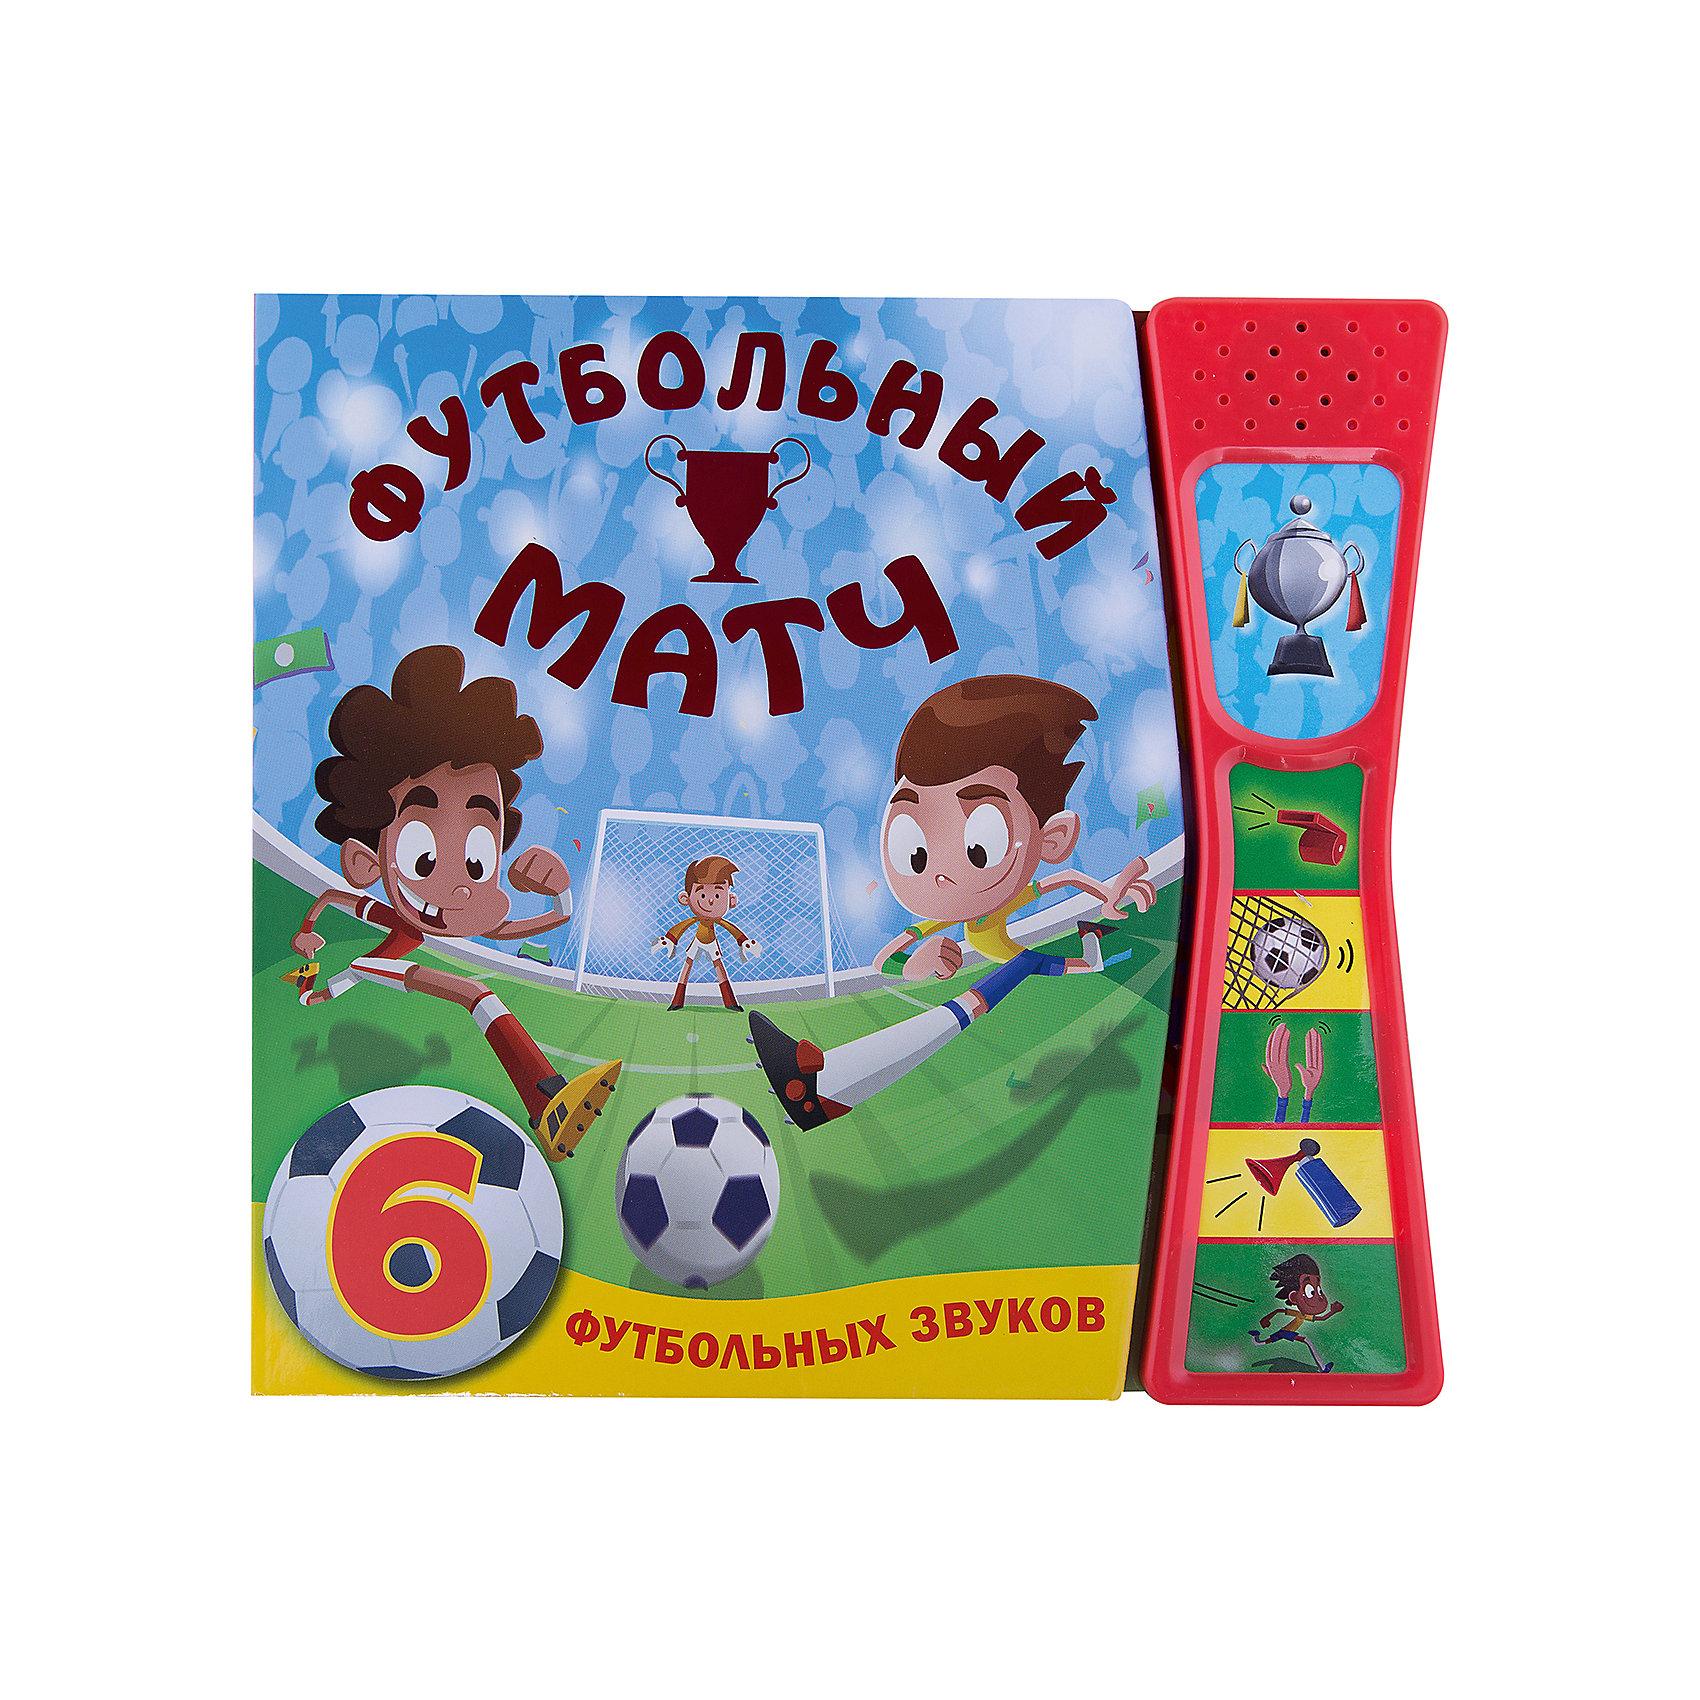 Книжка со звуками Футбольный матчМузыкальные книги<br>Книжка со звуками Футбольный матч.<br><br>Характеристики:<br><br>- Издатель : МОЗАИКА-СИНТЕЗ<br>- Размеры: 235х220х12,5 мм.<br>- Цветная печать.<br>- Вес: 405 г.<br><br>Ура! Гол! Отправляйтесь на большой стадион, где сегодня состоится финал футбольного чемпионата. За звание чемпиона сразятся две замечательные команды – ловкие «Торпеды» и быстрые «Непоседы». Кто же победит и получит кубок? Нажимайте на кнопки, слушайте футбольные звуки и радуйтесь забитым мячам вместе с футболистами и болельщиками на трибунах.<br><br>Книжку со звуками Футбольный матч, можно купить в нашем интернет – магазине.<br><br>Ширина мм: 12<br>Глубина мм: 235<br>Высота мм: 220<br>Вес г: 404<br>Возраст от месяцев: 24<br>Возраст до месяцев: 60<br>Пол: Мужской<br>Возраст: Детский<br>SKU: 5362895